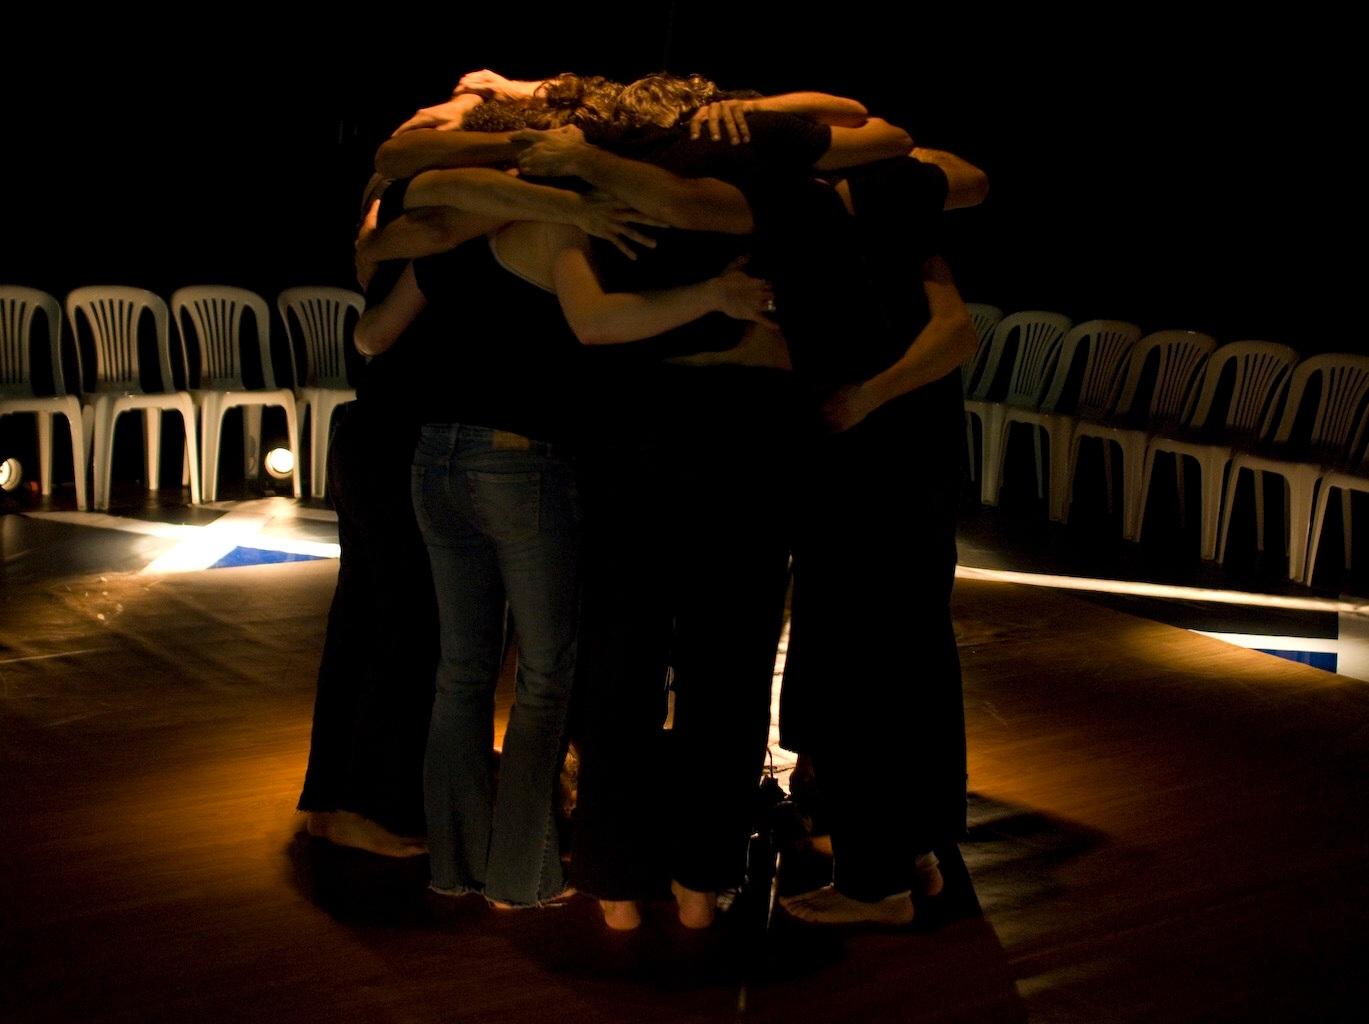 Veridiana e Eu - 2007 - Companhia de Teatro Íntimo - Foto Marian Starosta